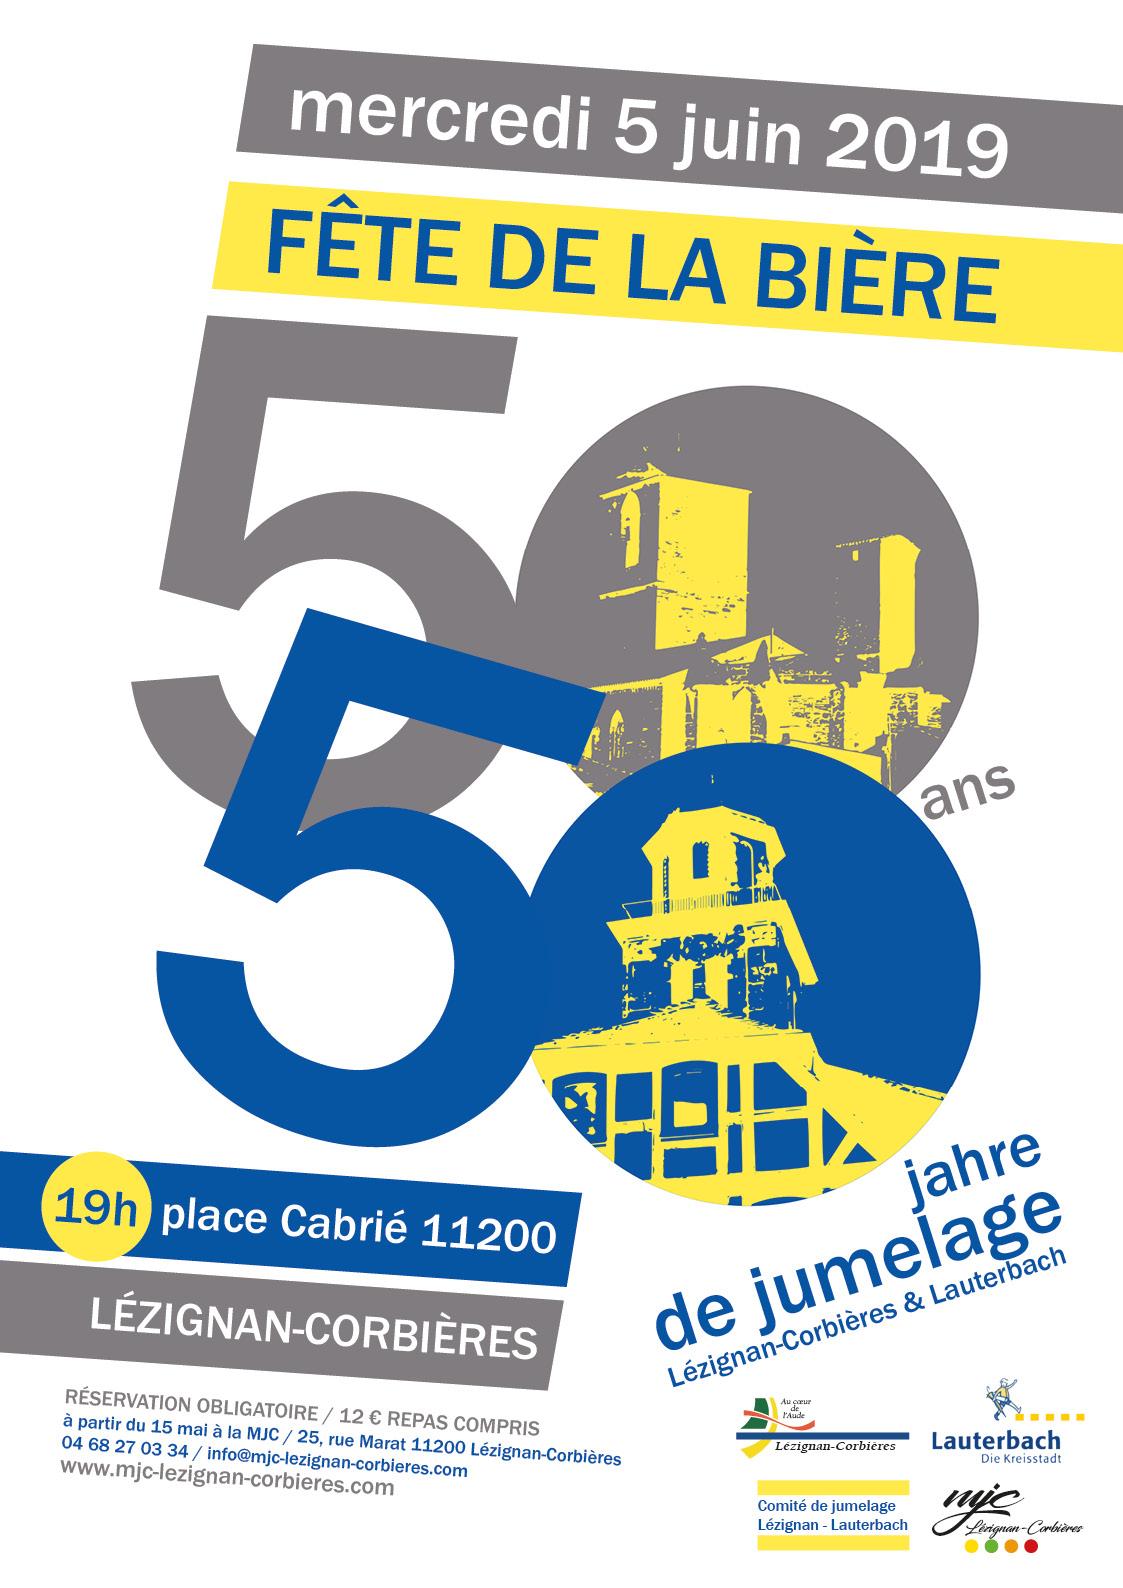 Mercredi 5 Juin >> Fête de la Bière pour les 50 ans de jumelage avec Lauterbach